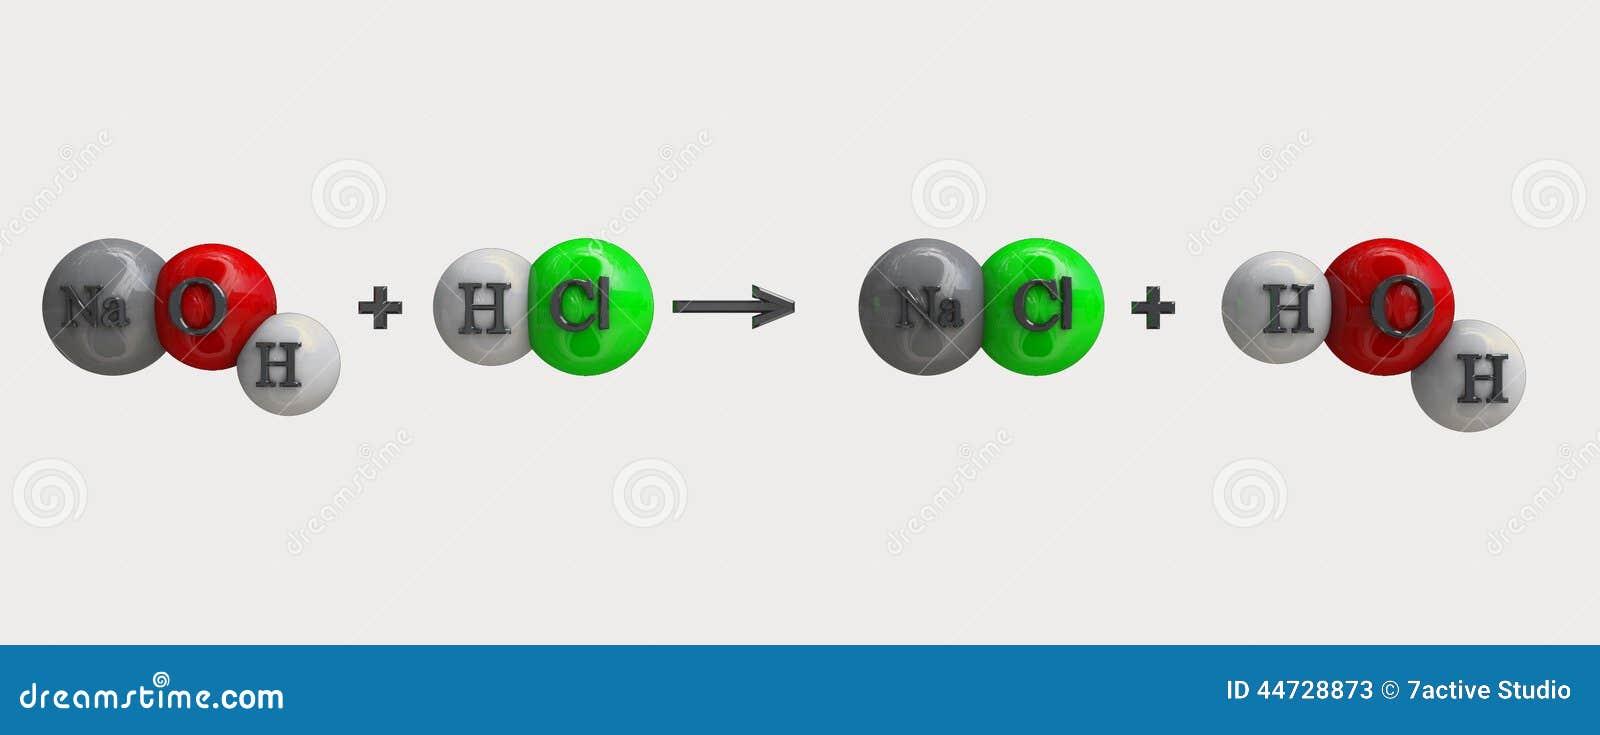 NAOH Formula Stock Illustration - Image: 44728873